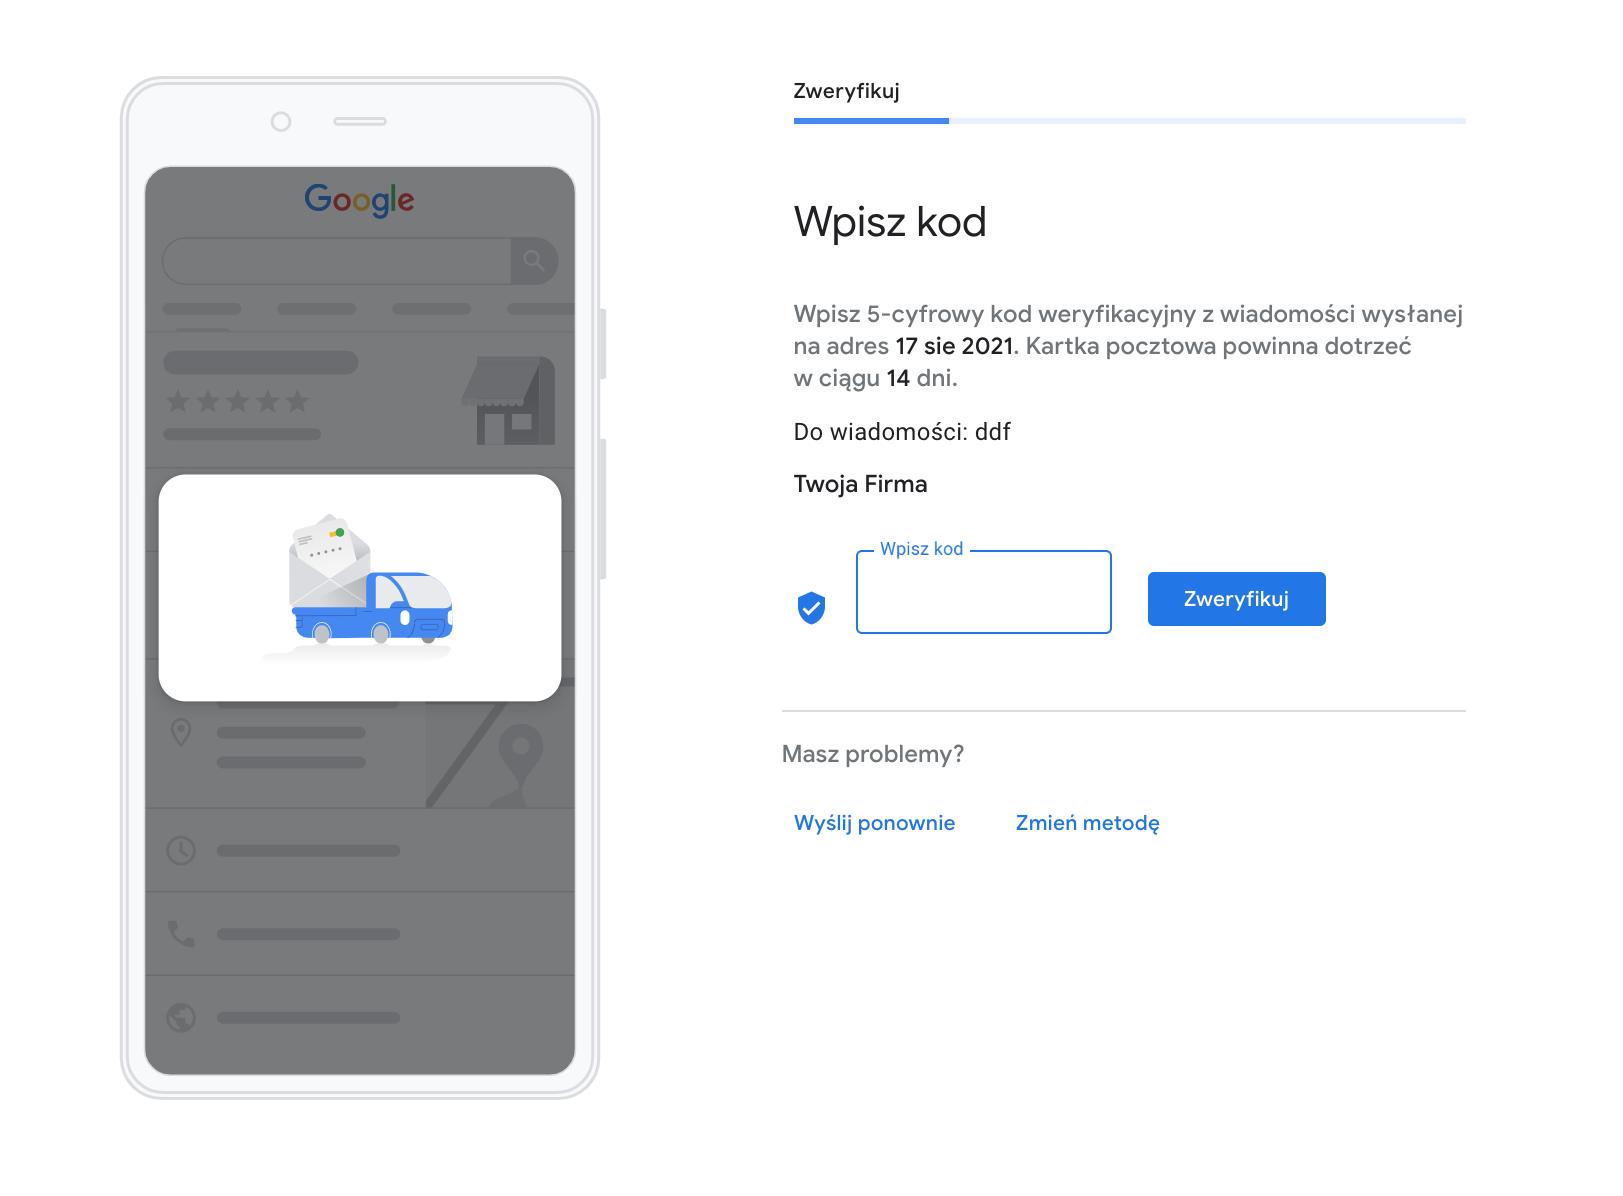 Wpisz kod weryfikacyjny od Google w panelu Google Moja Firma